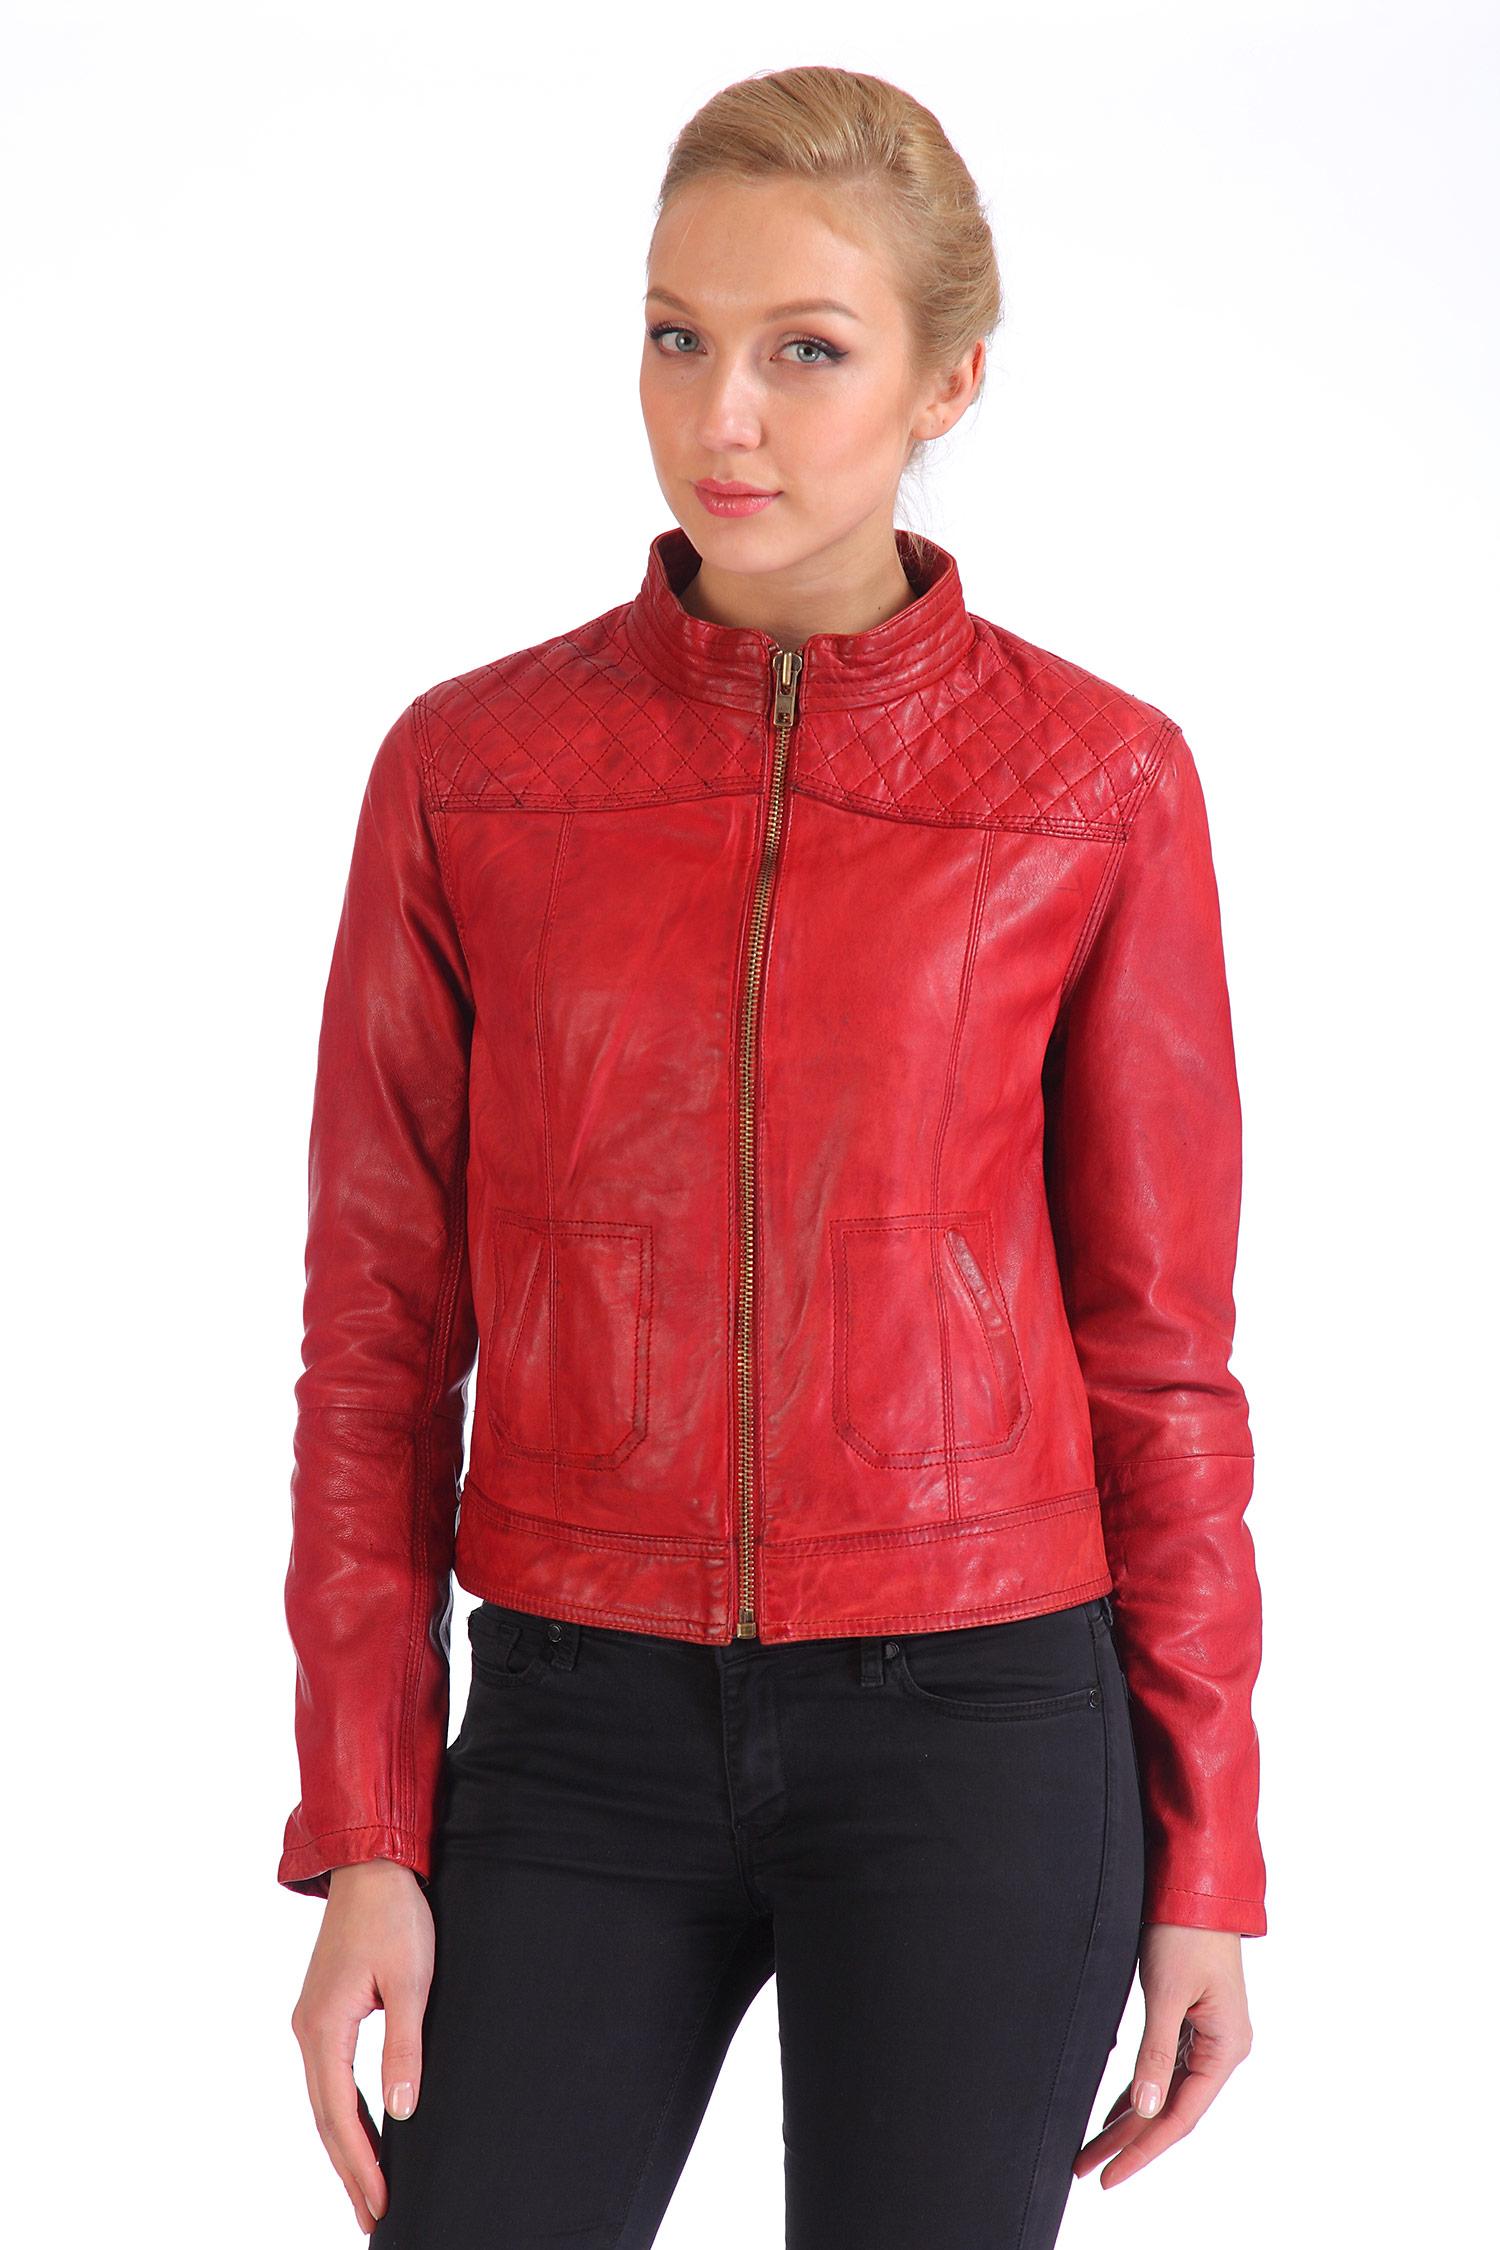 Женская кожаная куртка из натуральной кожи с воротником, без отделкиЦвет - алый.<br><br>Модель выполнена из высококачественной кожи.<br><br>Яркая куртка приталенного силуэта в стиле casual займет важное место в гардеробе каждой модницы! Главная особенность изделия - кожа, из которой она изготовлена. Благодаря двойной покраске создается особенный винтажный эффект состаренной кожи.<br><br>Изделие с застежкой на молнию, ширина рукава также регулируется молнией. Куртка дополнена аккуратным воротником-стойкой и боковыми карманами без застежки.<br><br>Воротник: стойка<br>Длина см: Короткая (51-74 )<br>Материал: Кожа овчина<br>Цвет: красный<br>Застежка: на молнии<br>Пол: Женский<br>Размер RU: 48